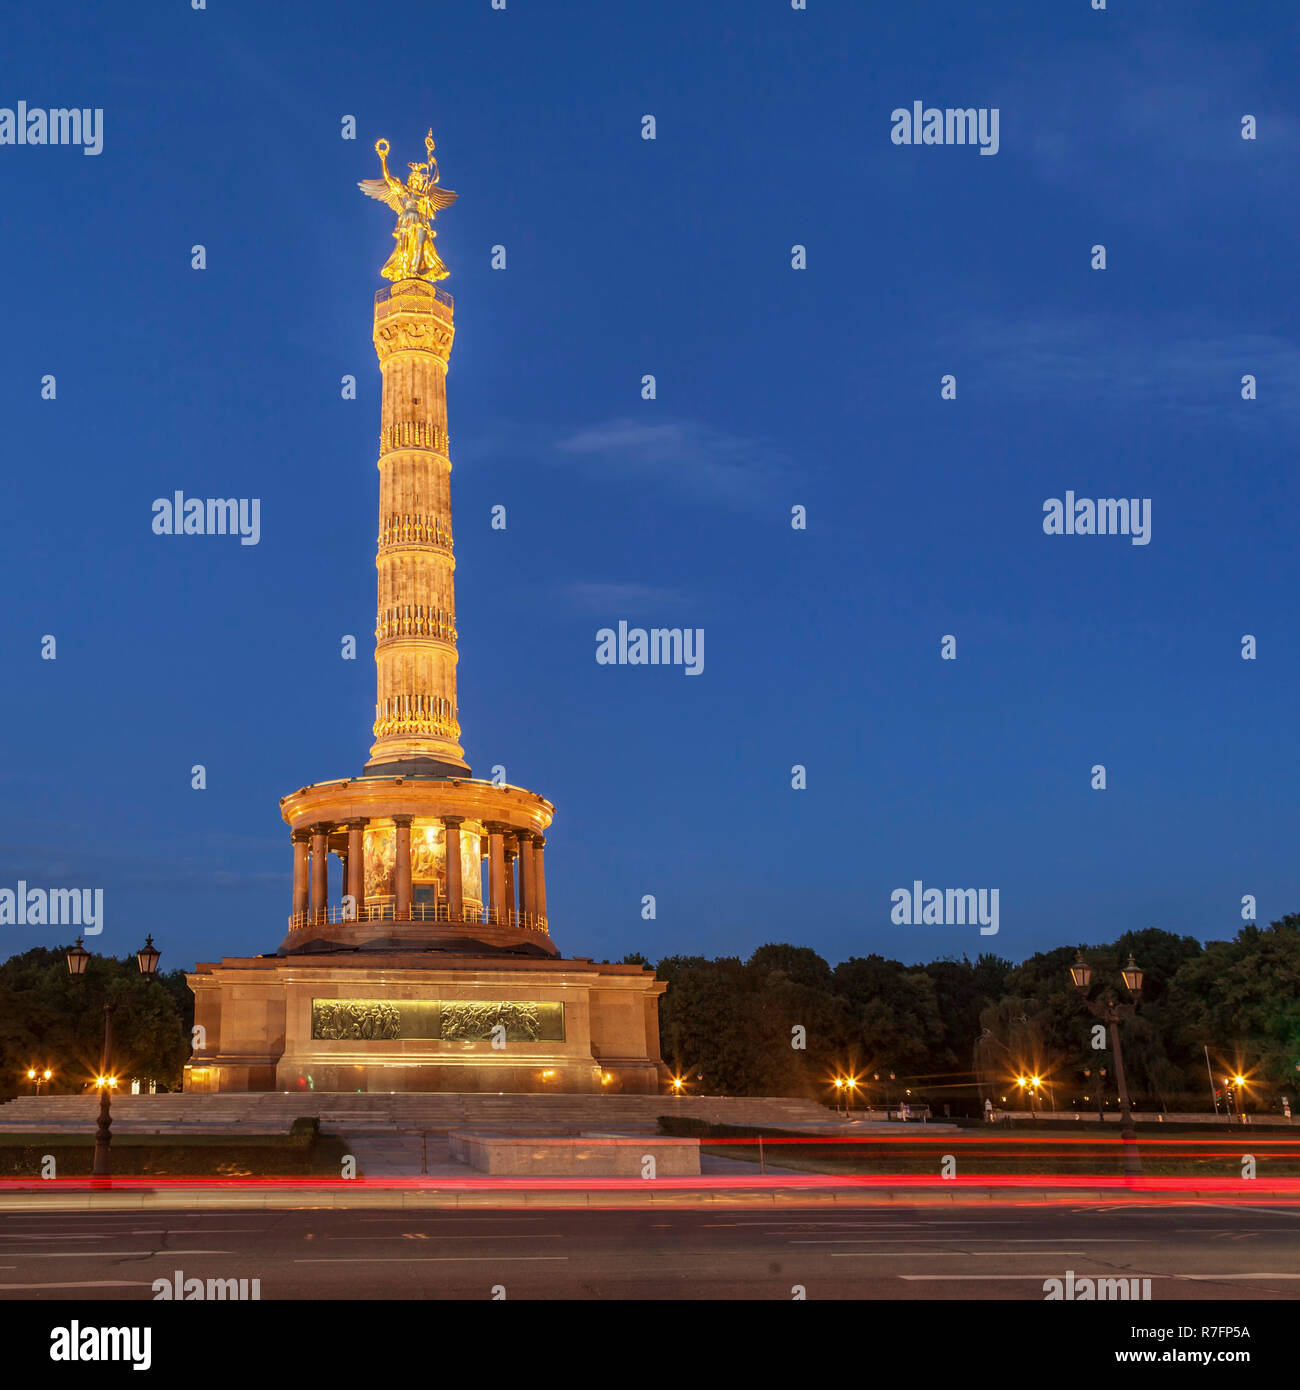 Victory Column ,Twilight, Tiergarten, Berlin | Siegessäule, Blaue Stunde, Tiergarten, Berlin - Stock Image